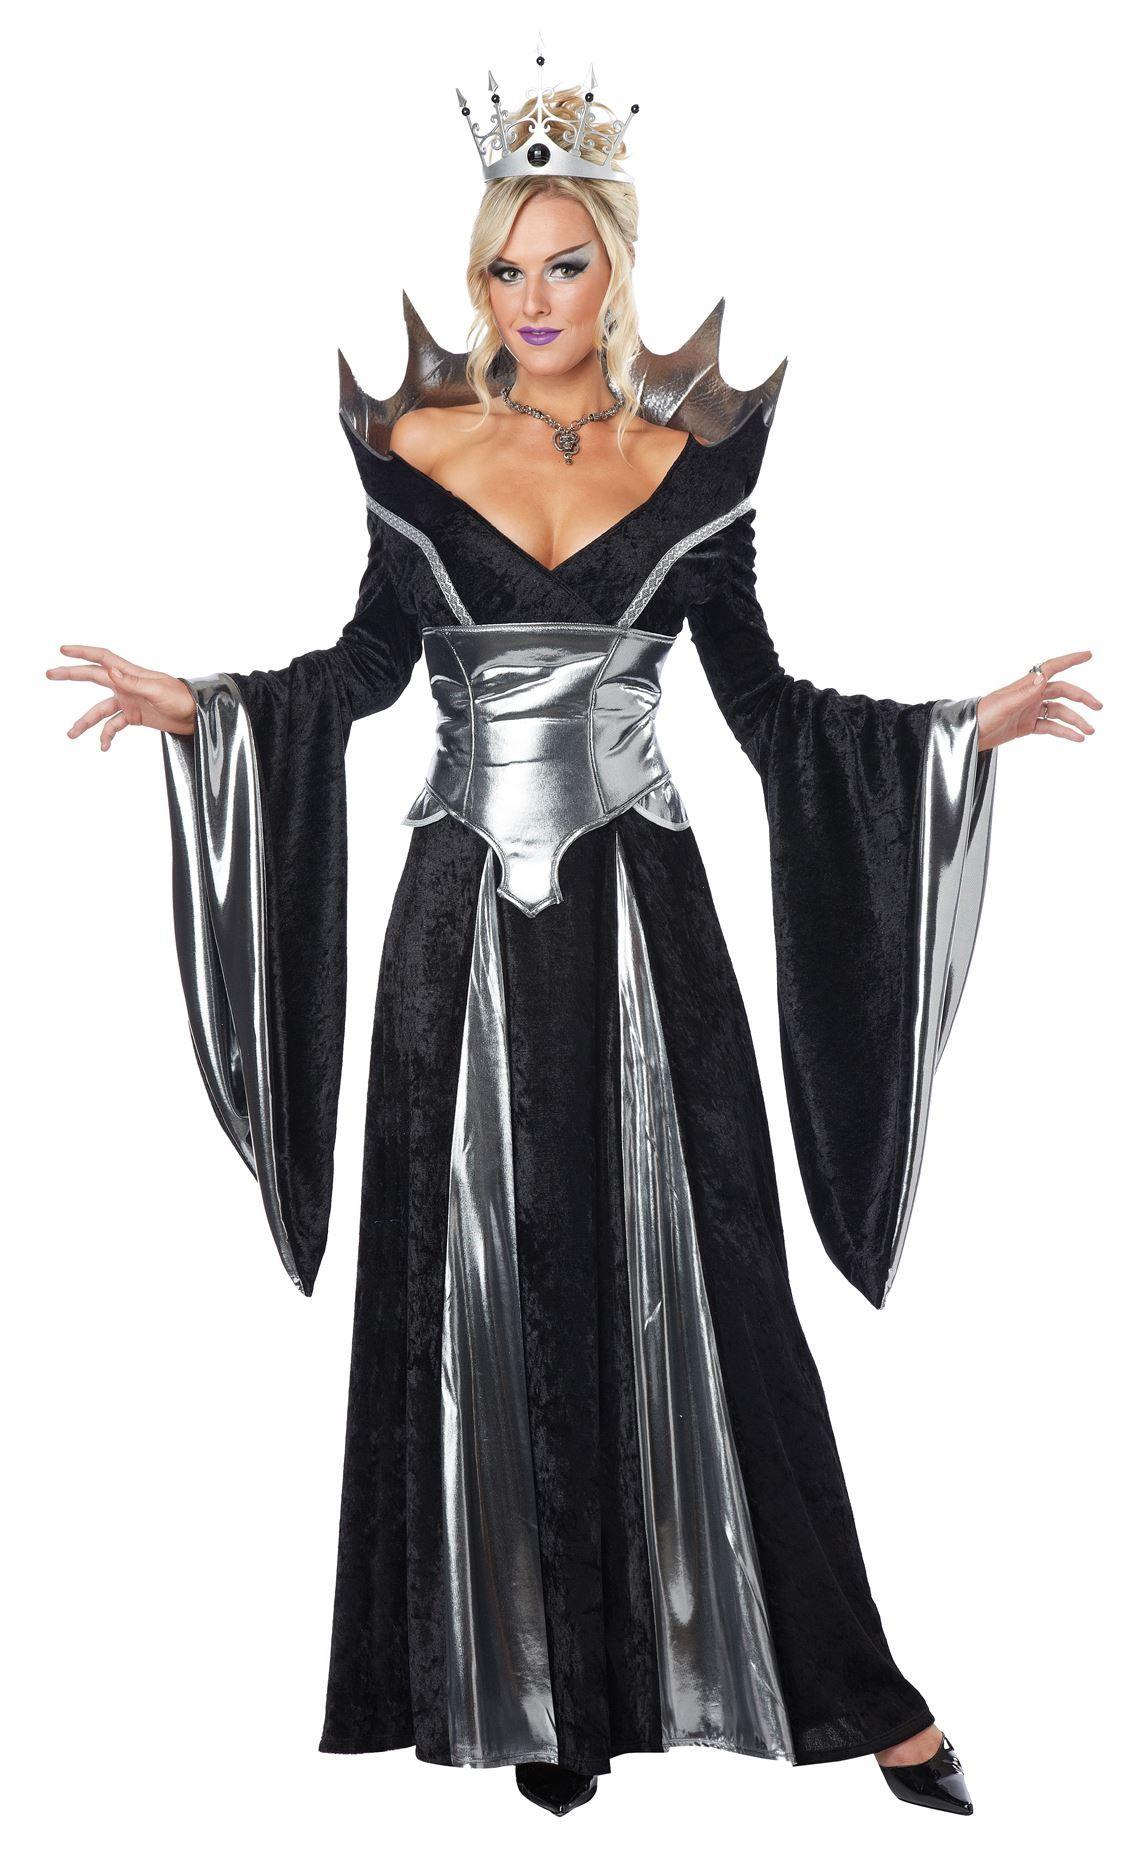 75b68f1242 Adult Malevolent Queen Woman Costume in 2019 | costume | Queen ...